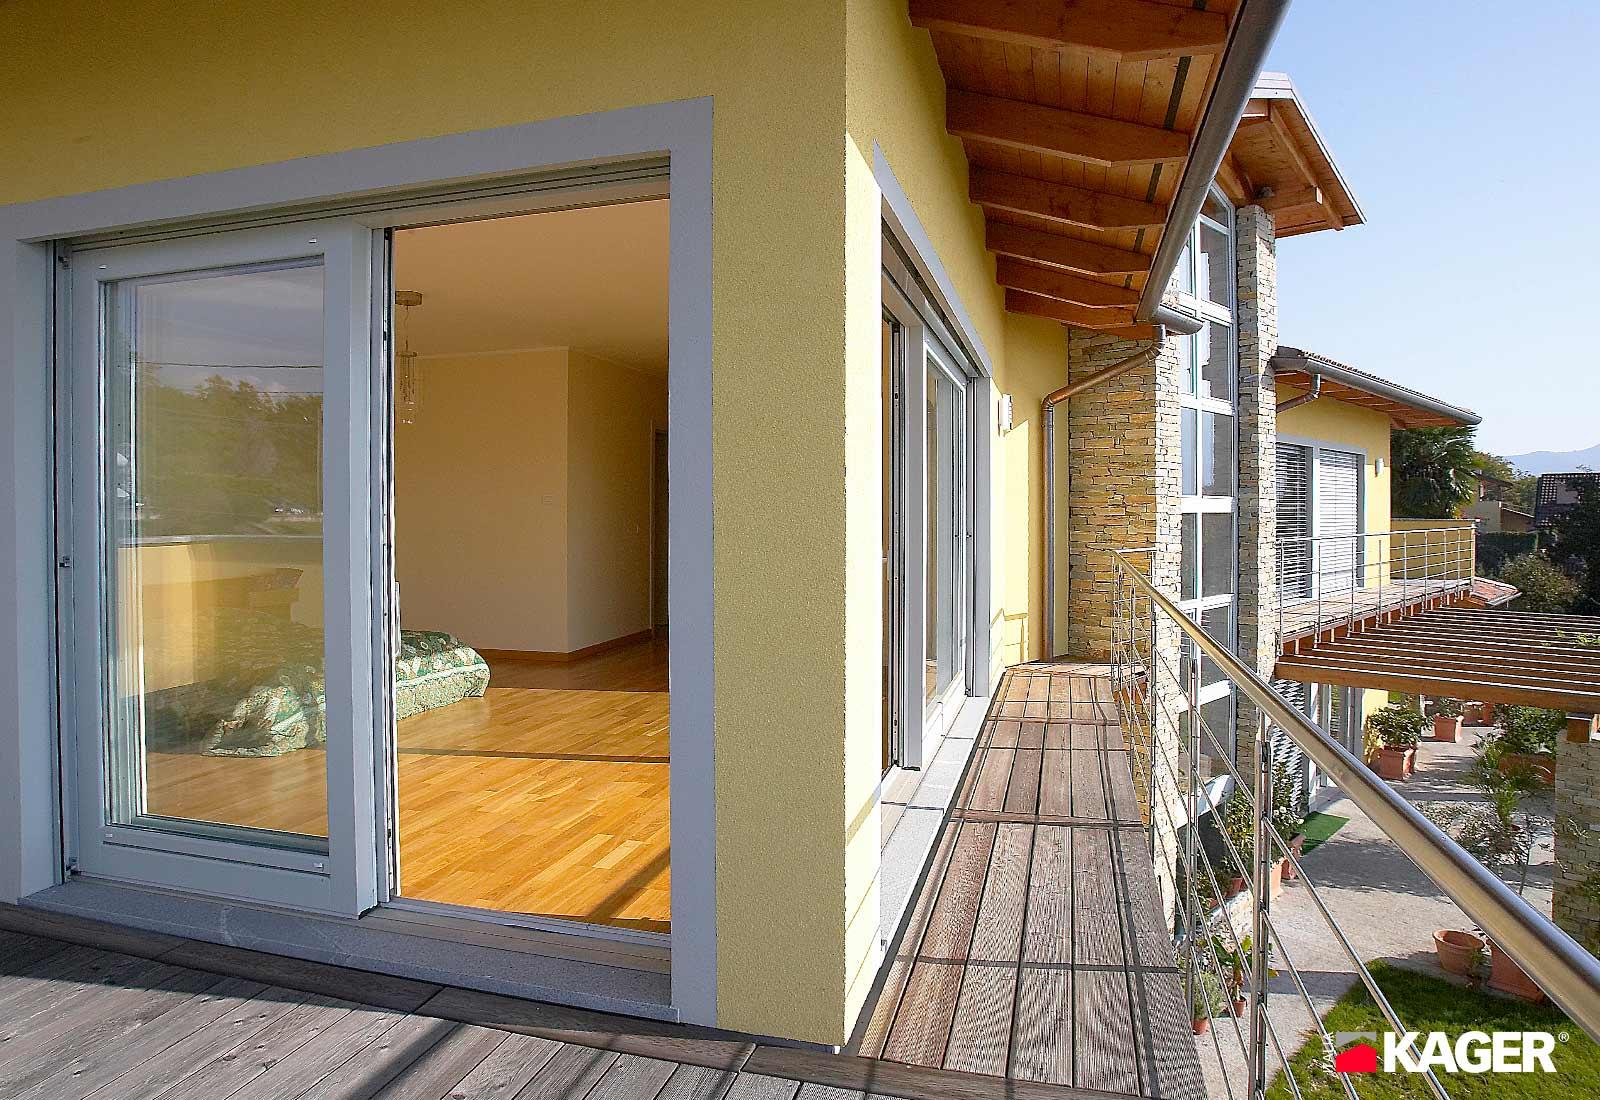 Casa-in-legno-Verbania-Kager-Italia-09